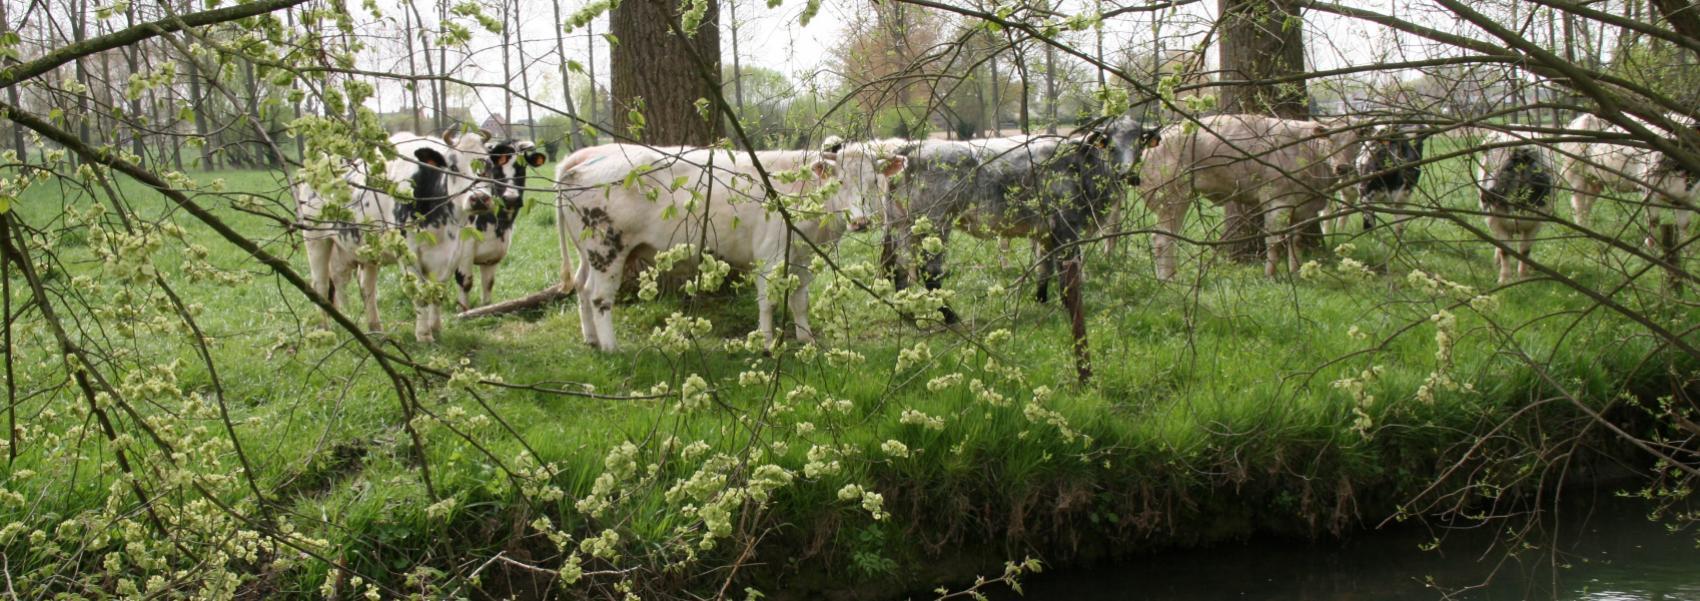 koeien langs het water